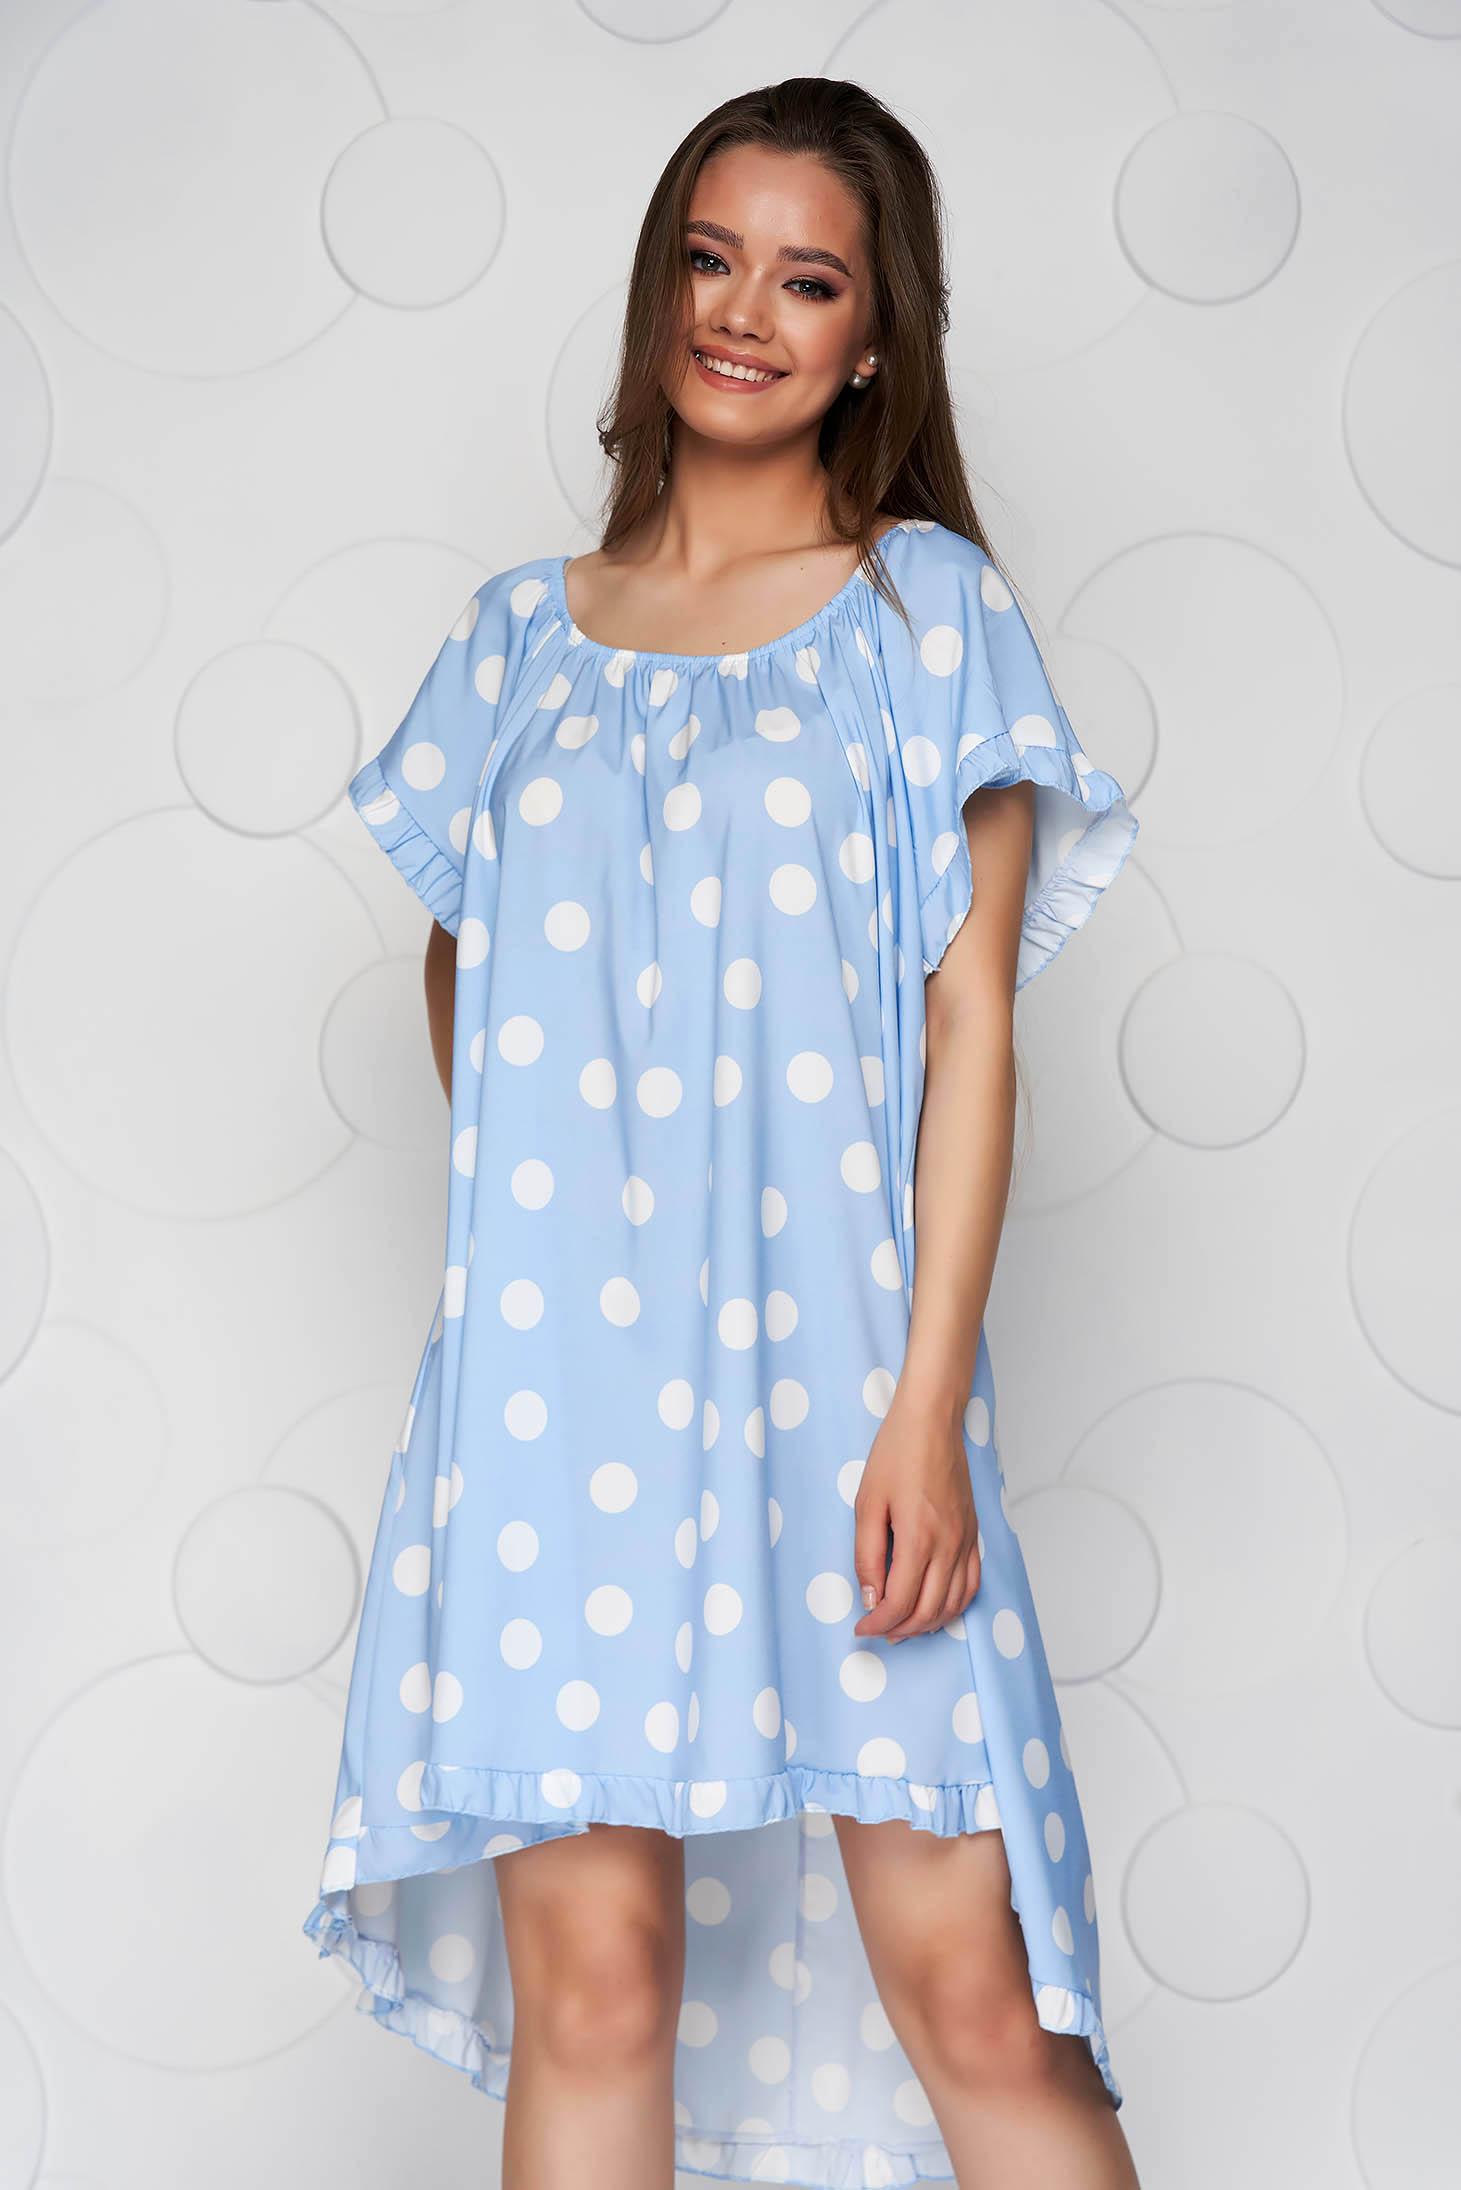 Rochie albastru-deschis cu buline din material elastic cu croi larg si elastic la nivelul decolteului